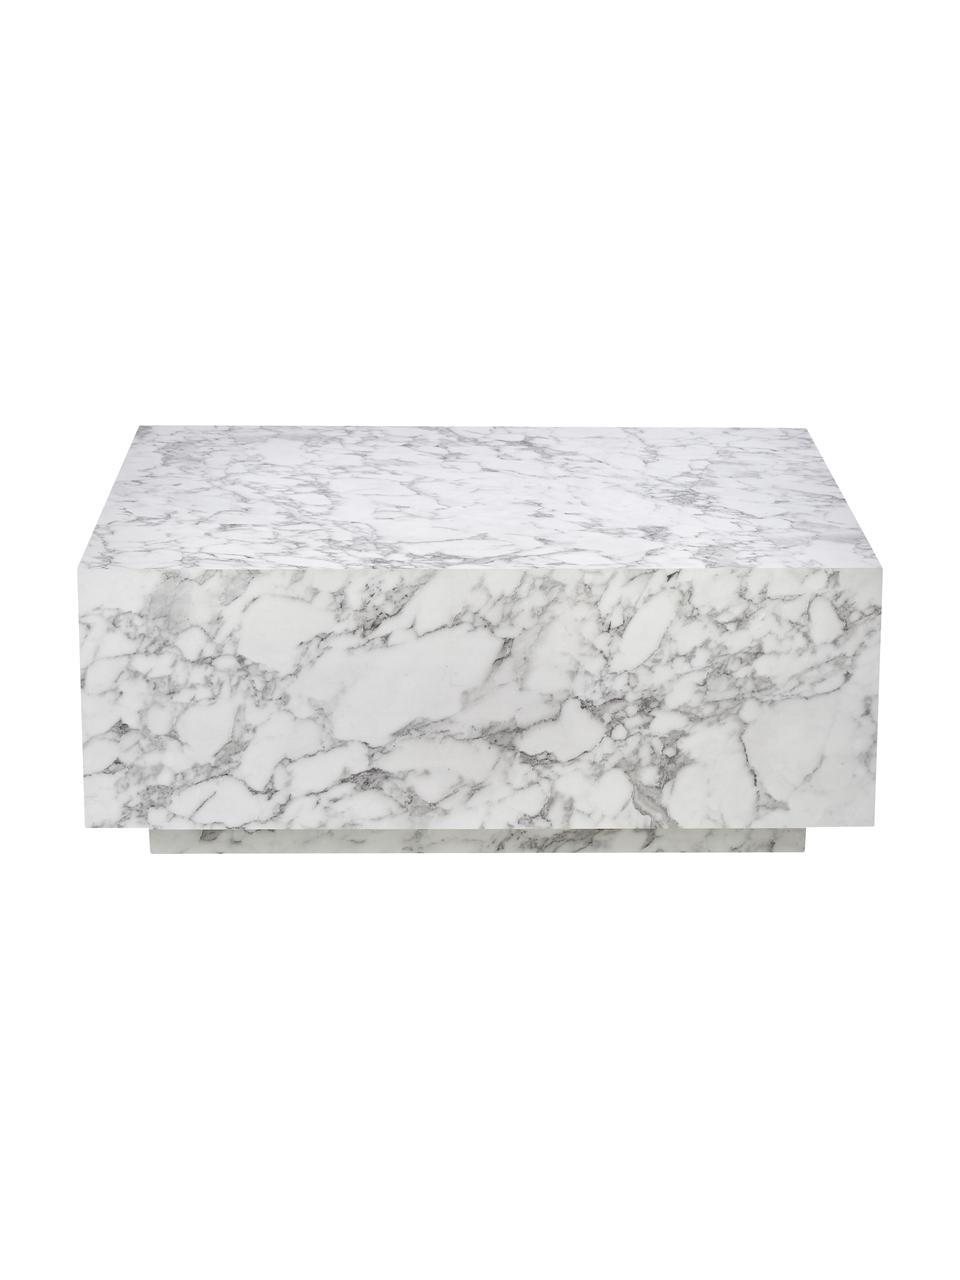 Tavolino da salotto effetto marmo Lesley, Pannello di fibra a media densità (MDF) rivestito con foglio di melamina, Bianco marmorizzato, Larg. 90 x Alt. 35 cm